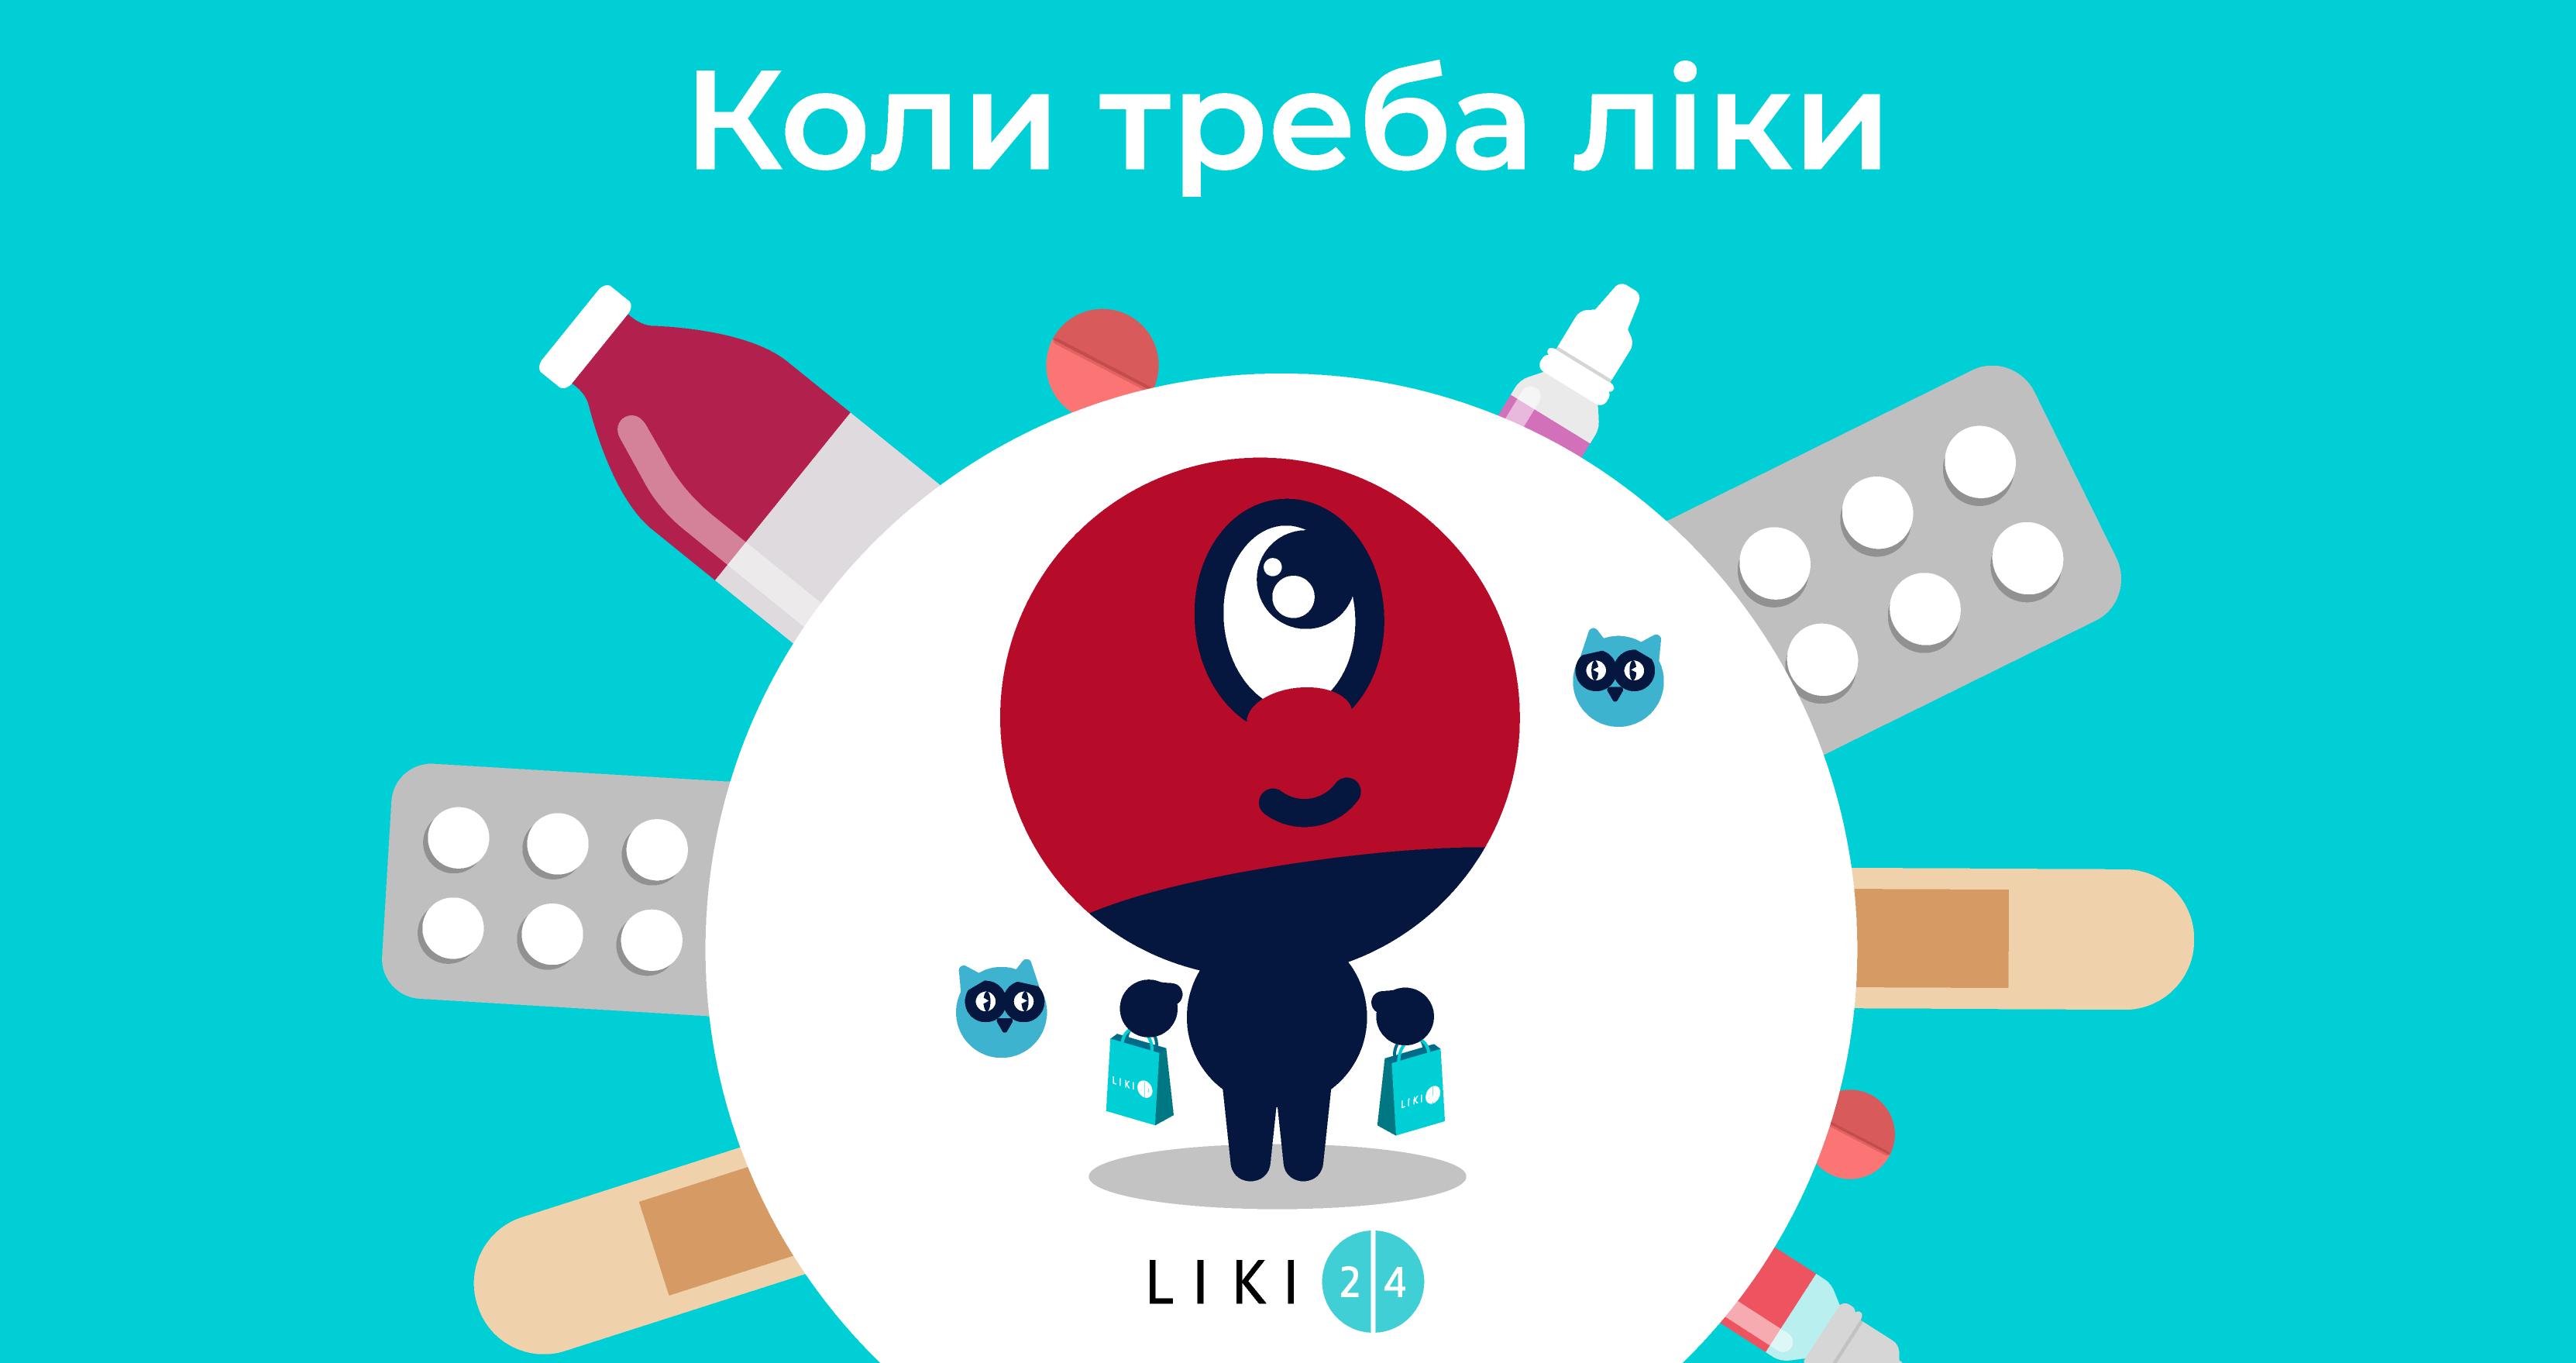 Liki24.com  и Новая Почта запустили быструю доставку лекарств